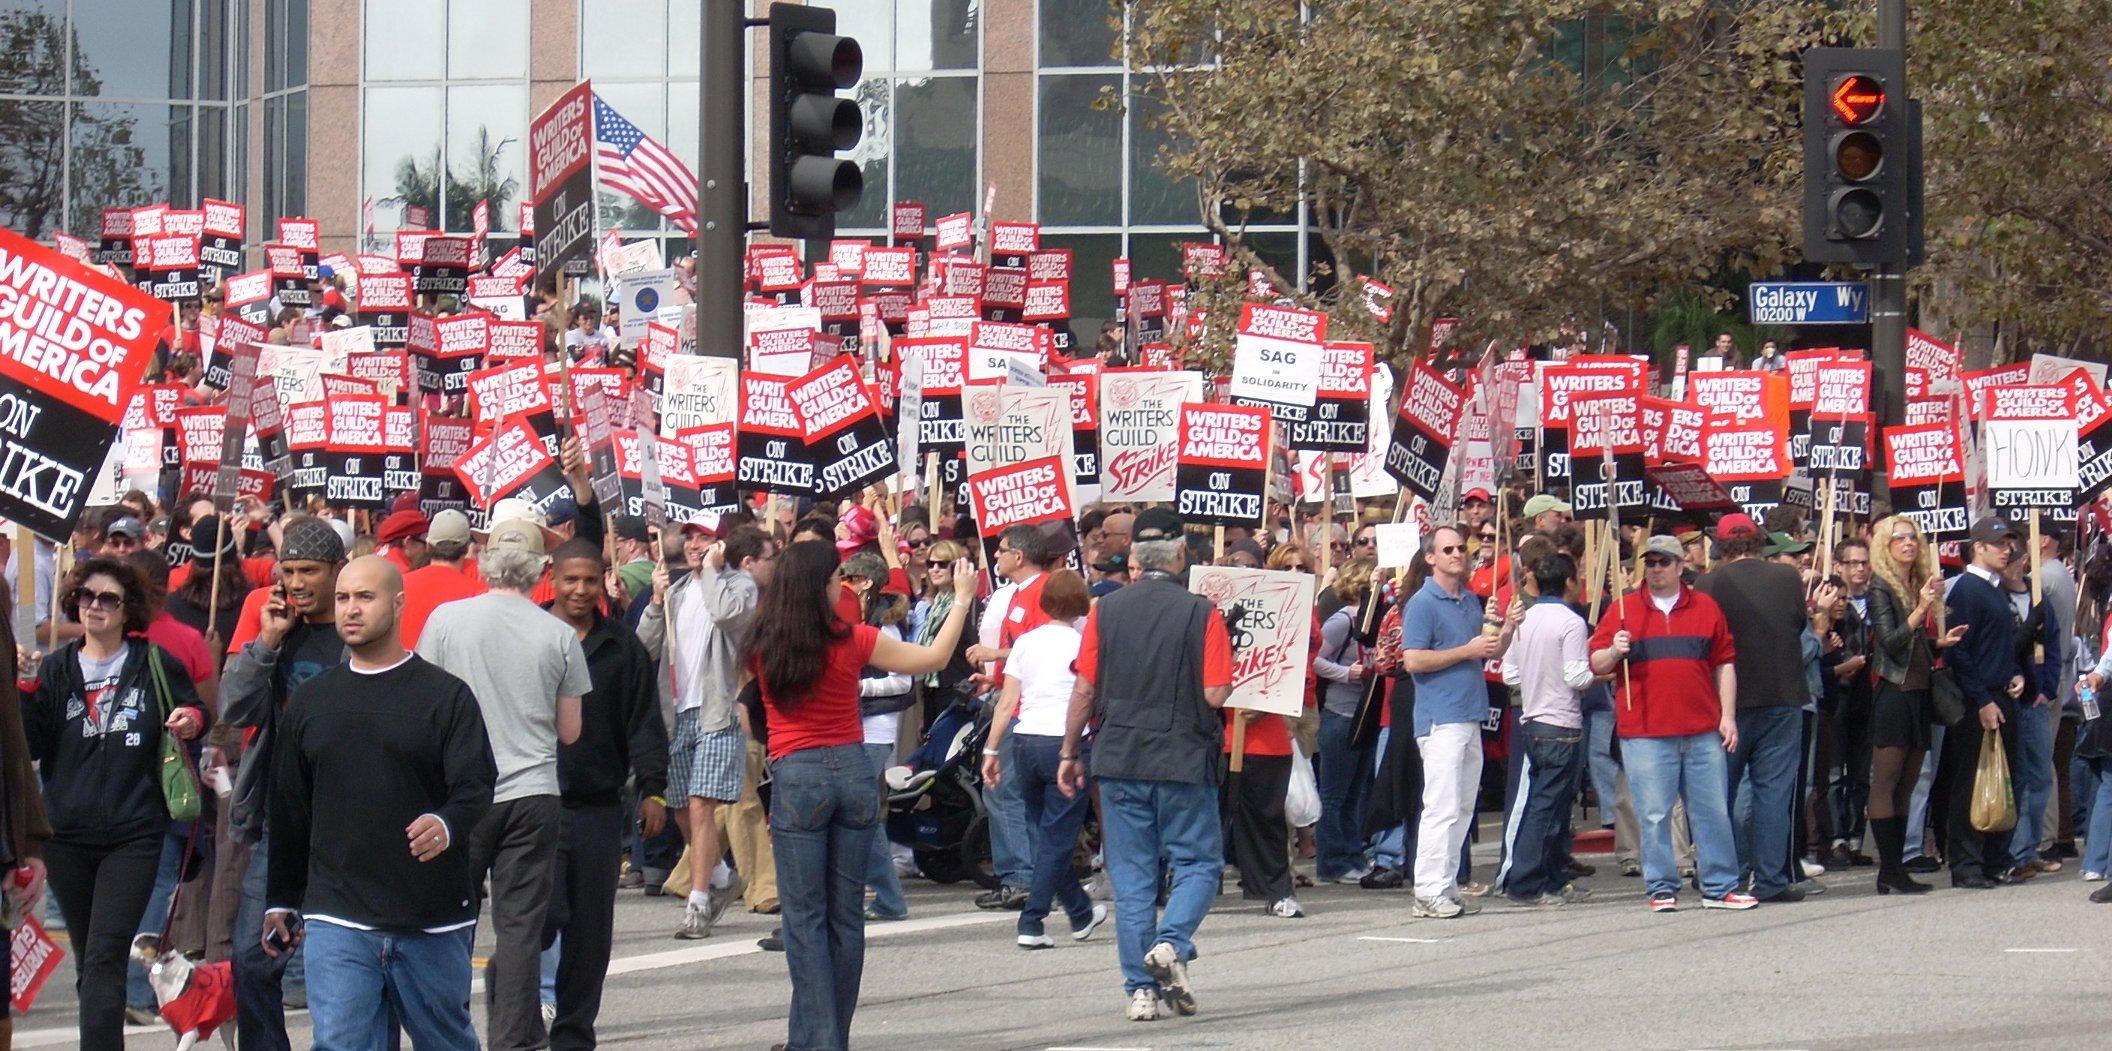 Die Filmbranche erfordert hohen Organisationsgrad, wie den der Writer's Guild in Hollywood. WGA-Mitglieder vereint im Streik, 2007. Foto (CCC): Jengod